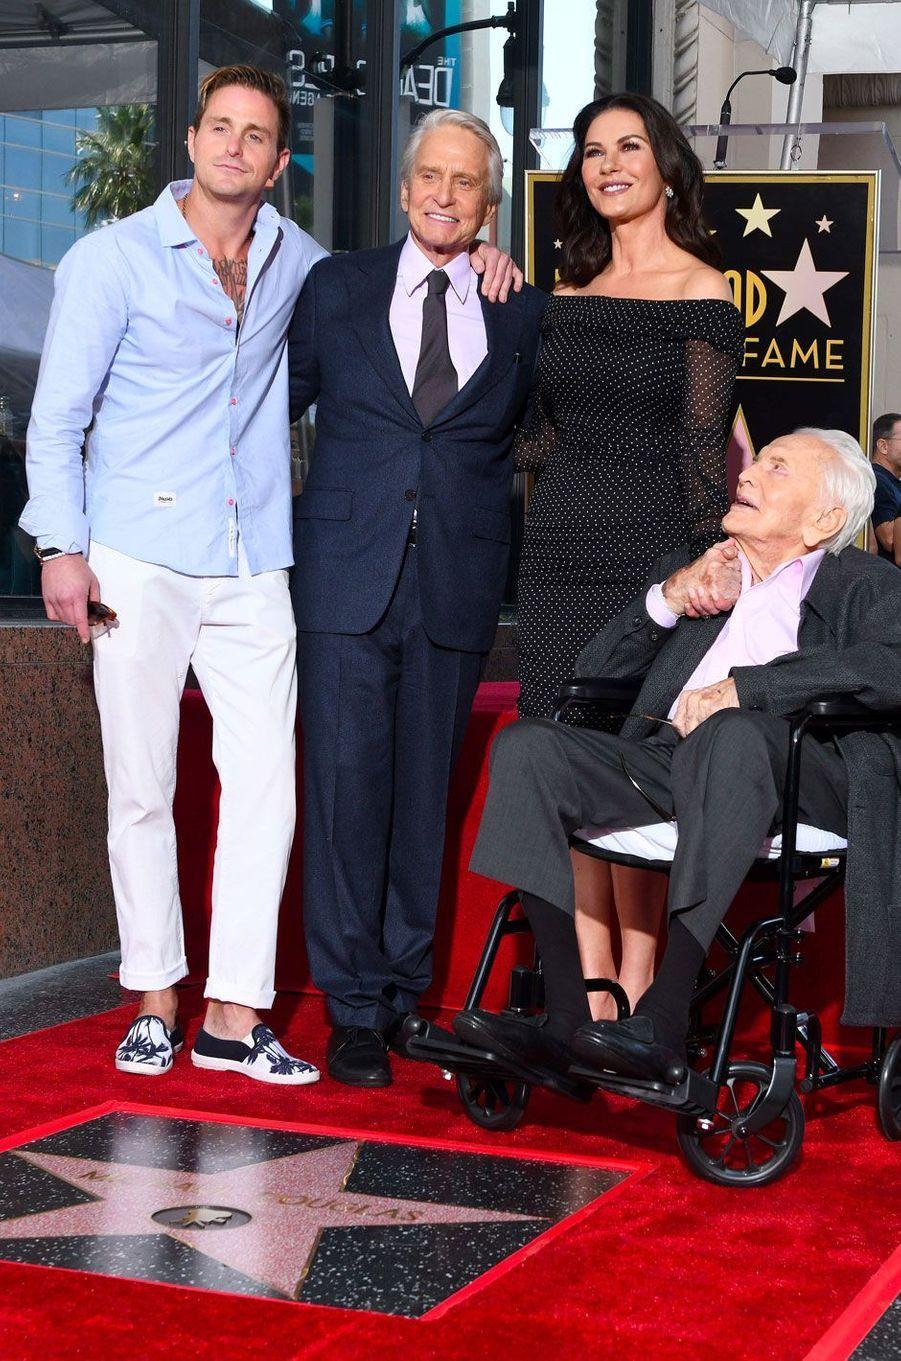 Michael Douglas avec Catherine Zeta-Jones, Cameron Douglas et Kirk Douglas pour l'inauguration de son étoile sur Hollywood Boulevard le 6 novembre 2018